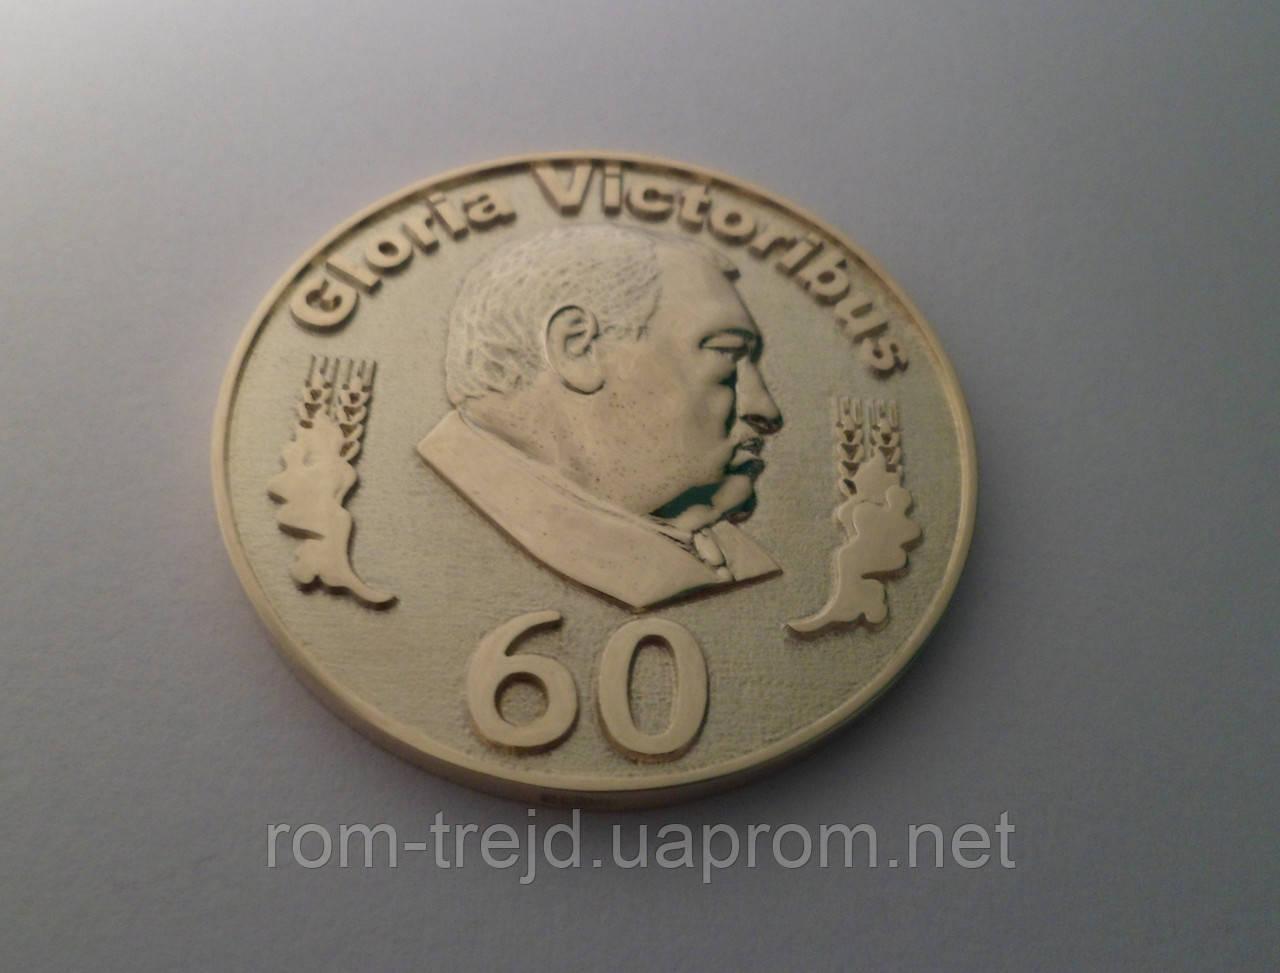 Юбилейные монеты из золота с портретом